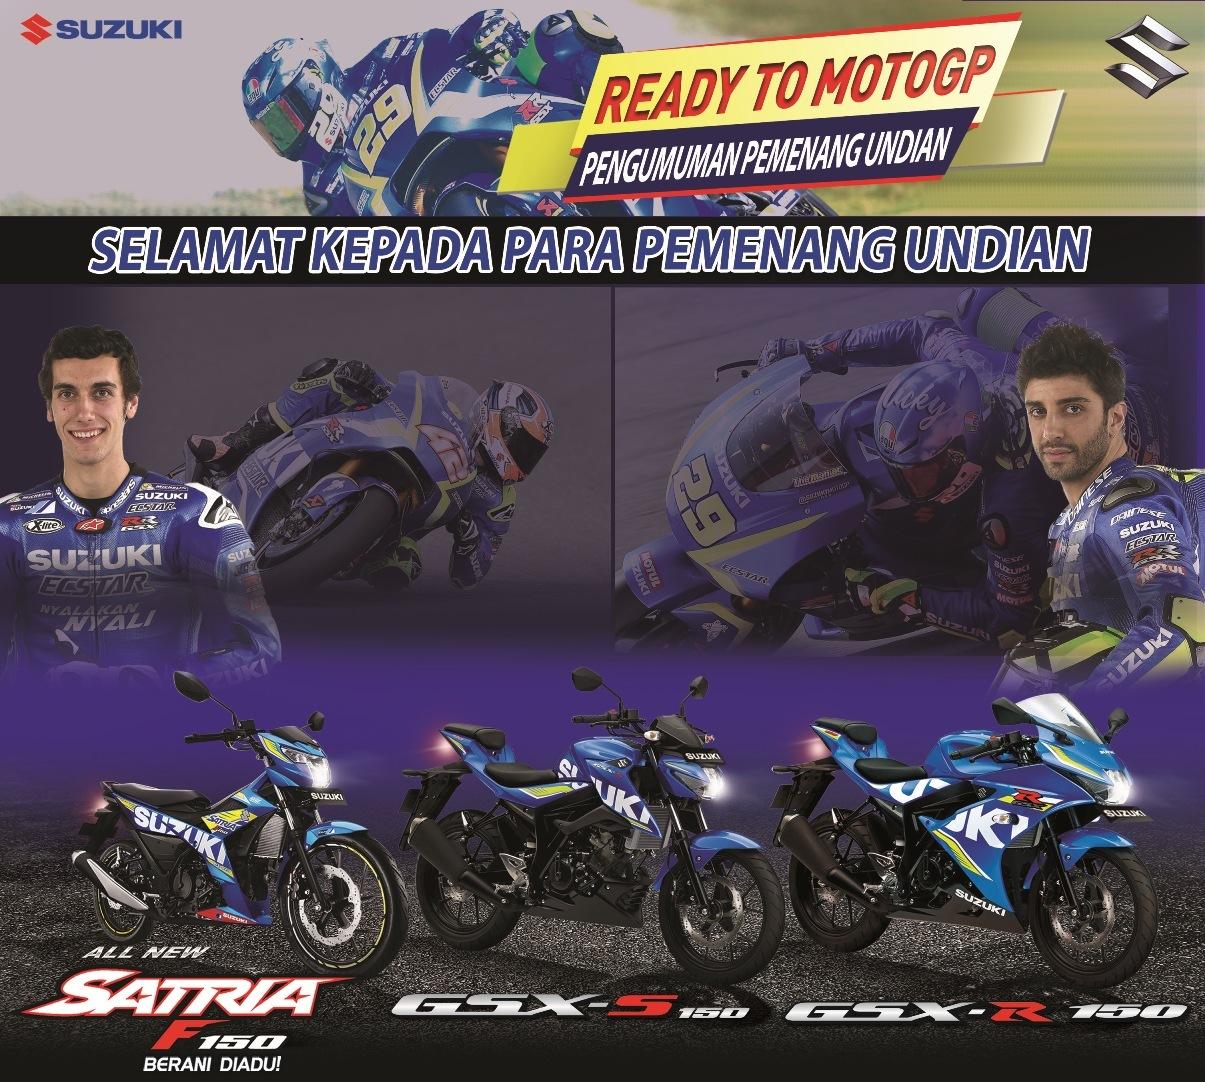 70 Konsumen Suzuki Beruntung Nonton MotoGP di Sepang